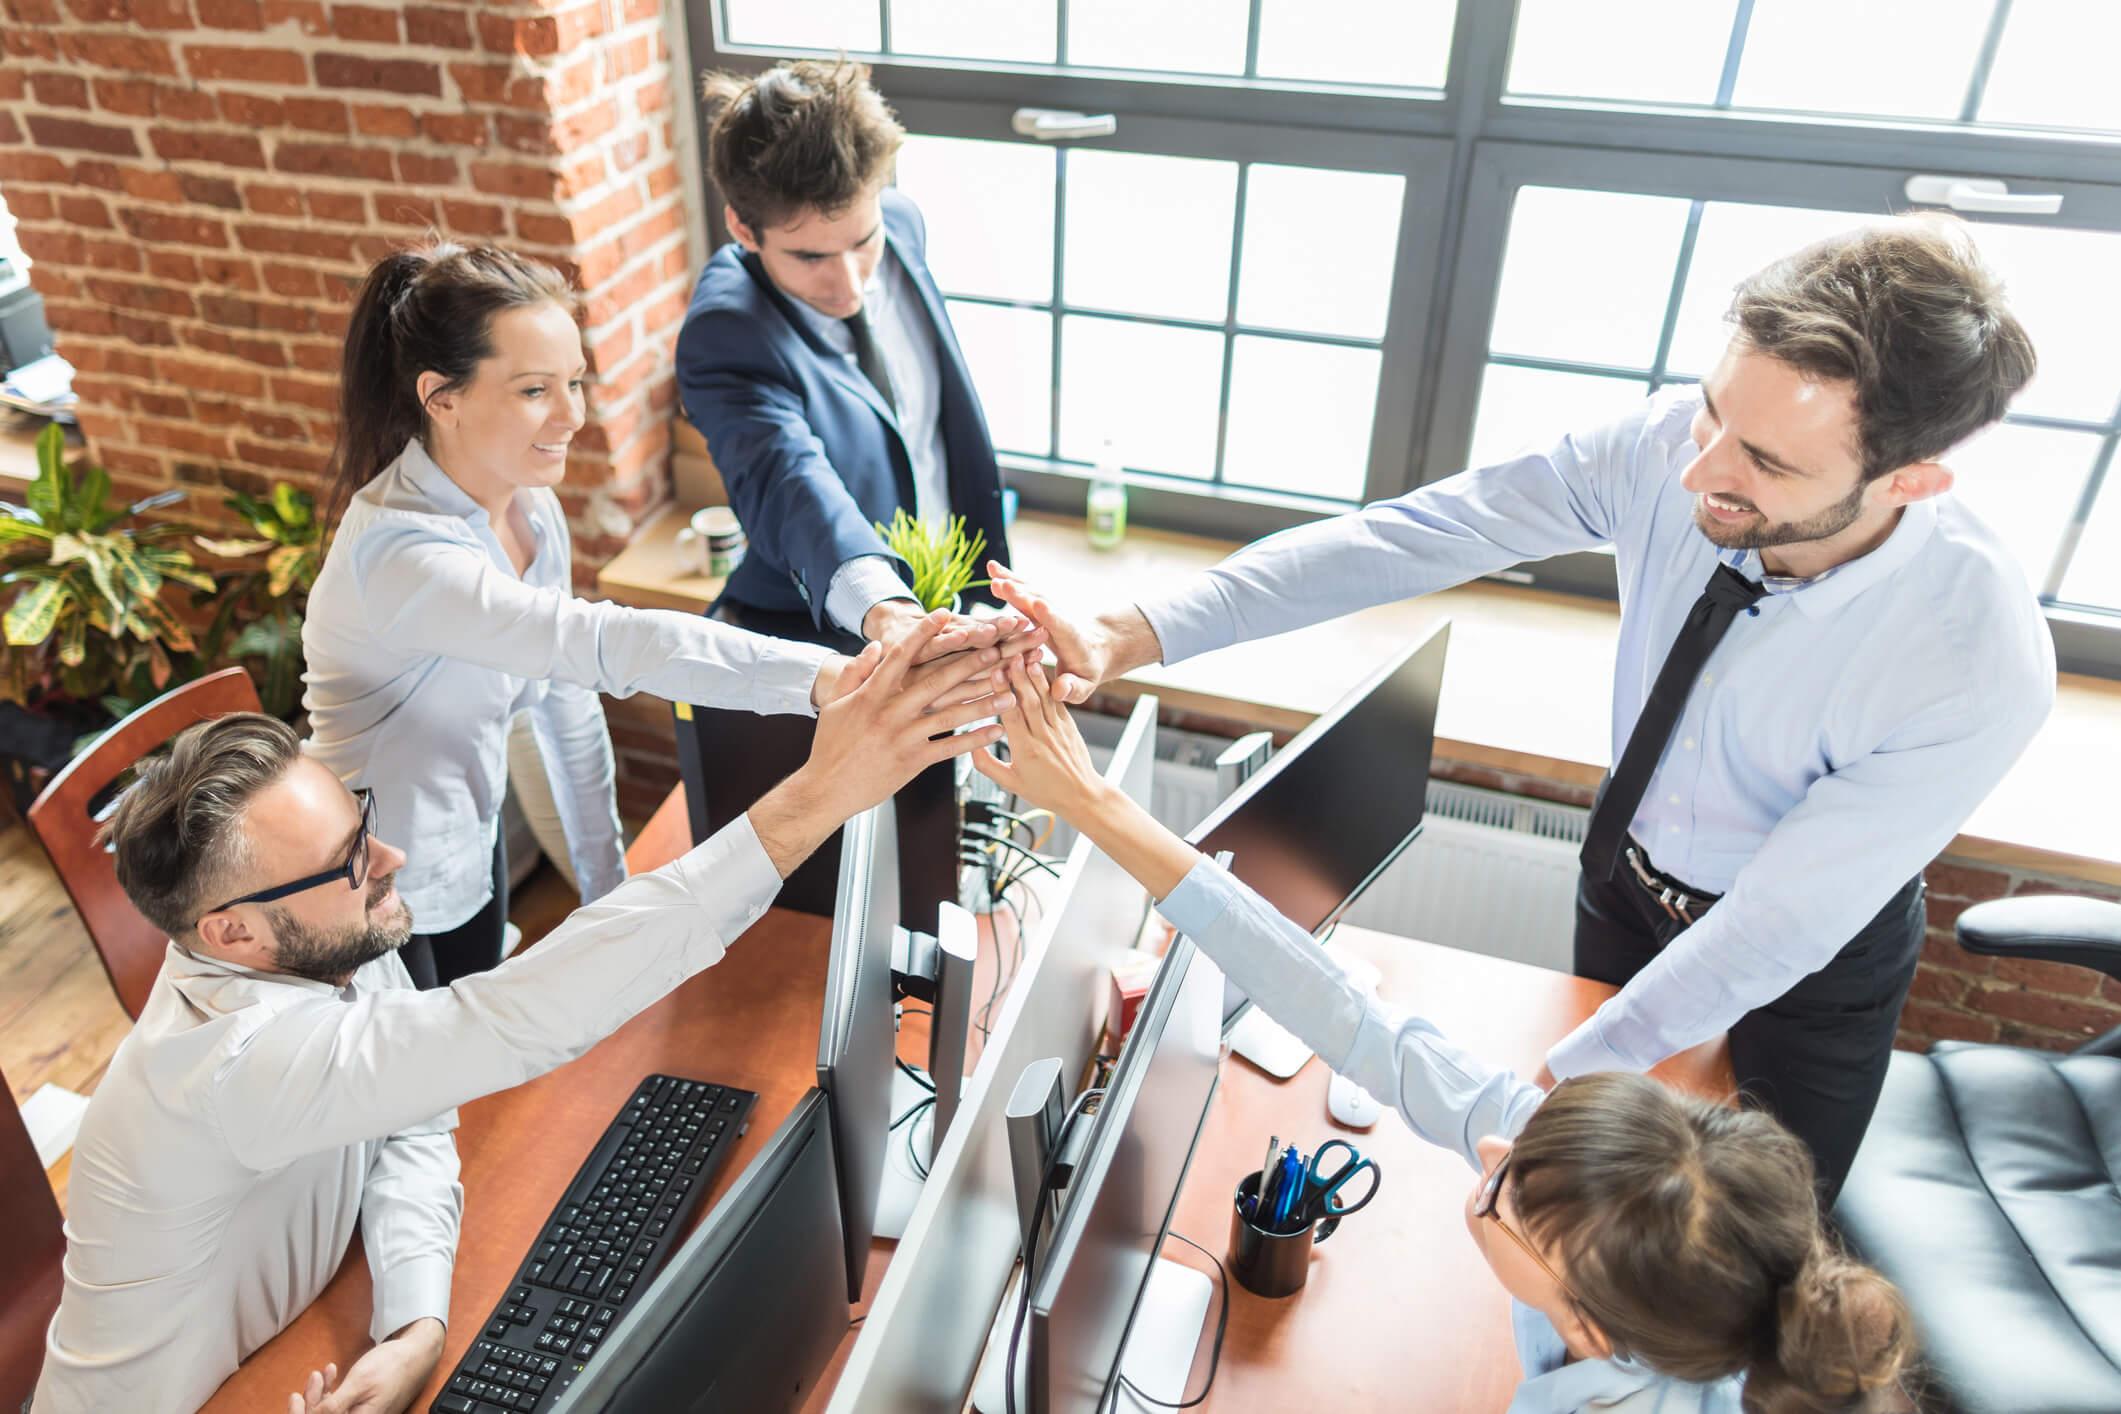 چگونه کسب و کار خودمان را راه اندازی کنیم؟